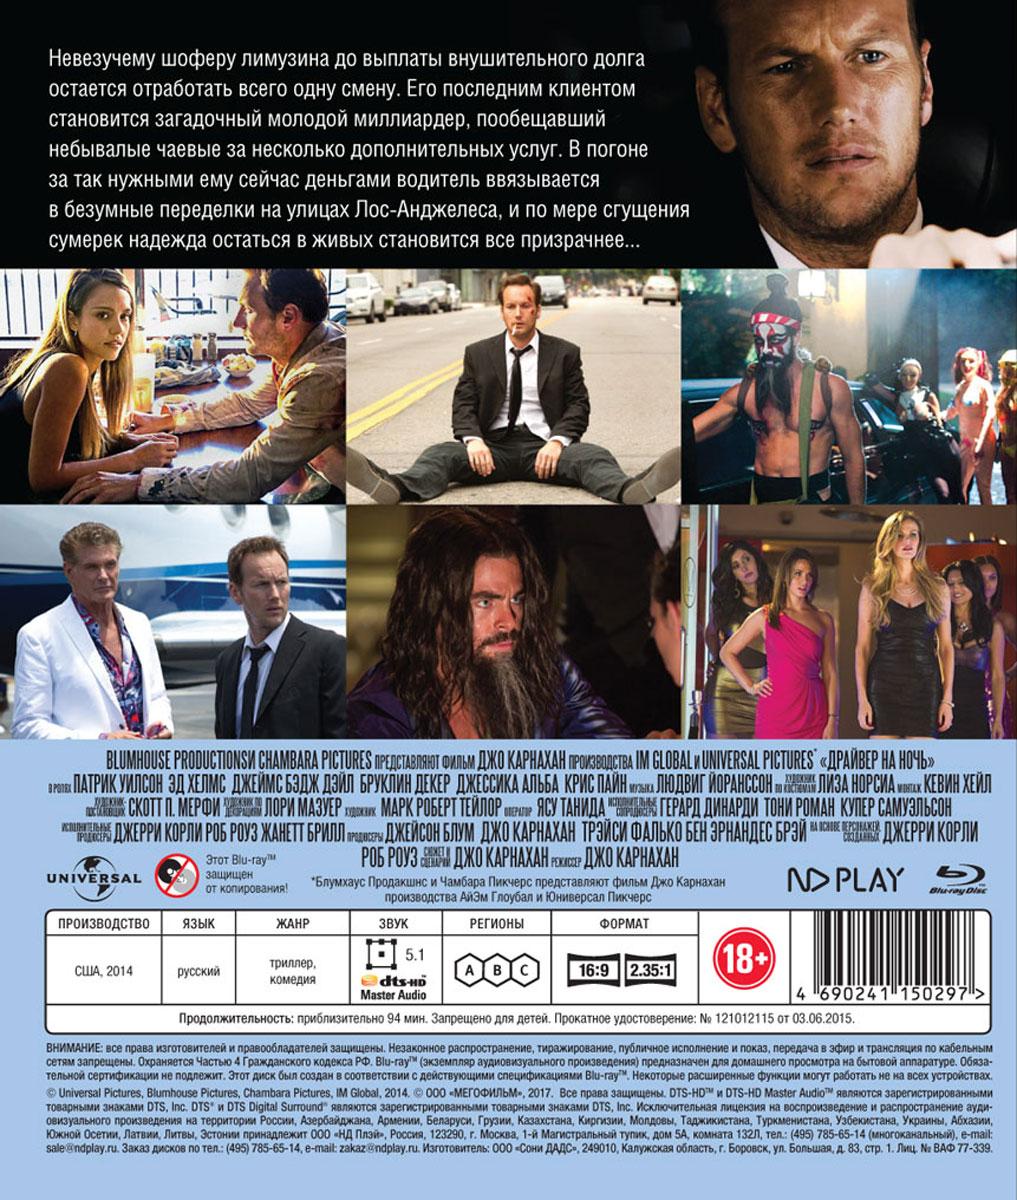 Драйвер на ночь (Blu-ray) MEGOGO Distribution